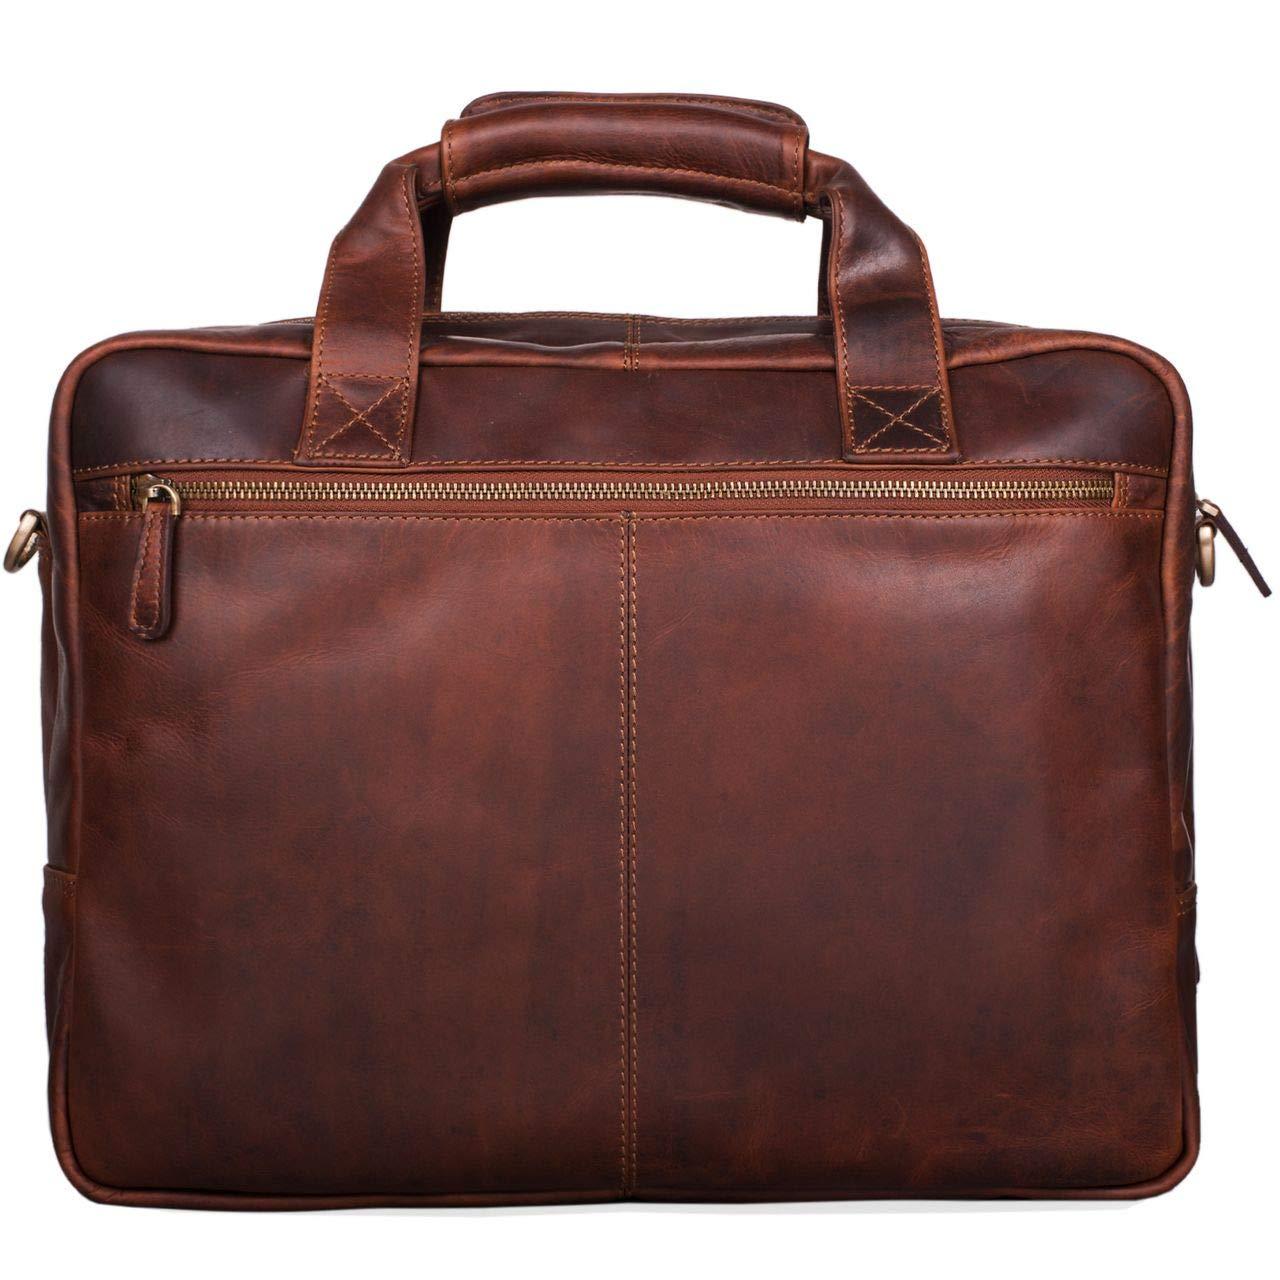 ce657475d6 STILORD 'Explorer' Lehrertasche Leder Herren Damen Aktentasche Büro  Schulter- oder Umhängetasche für Laptop mit Dreifachtrenner Echt Leder  Vintage, ...